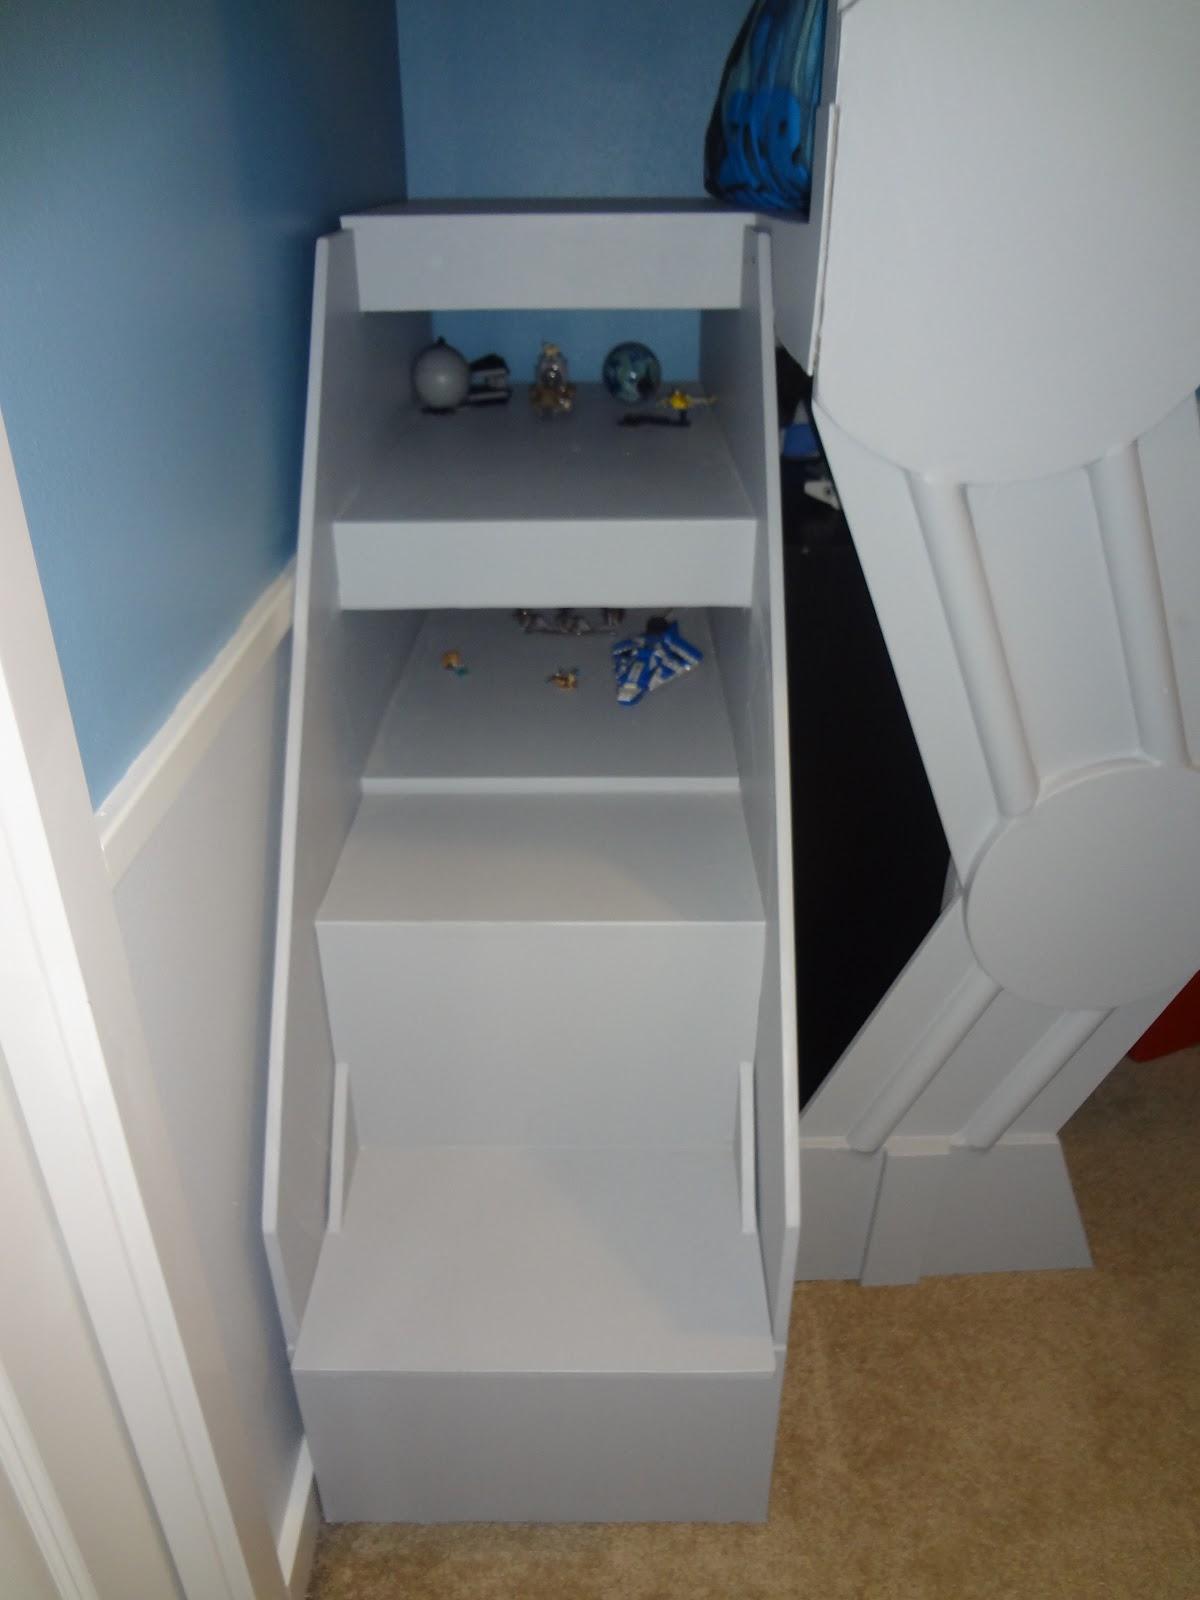 meilleur lit mezzanine pour enfant lit mezzanine 2 places. Black Bedroom Furniture Sets. Home Design Ideas